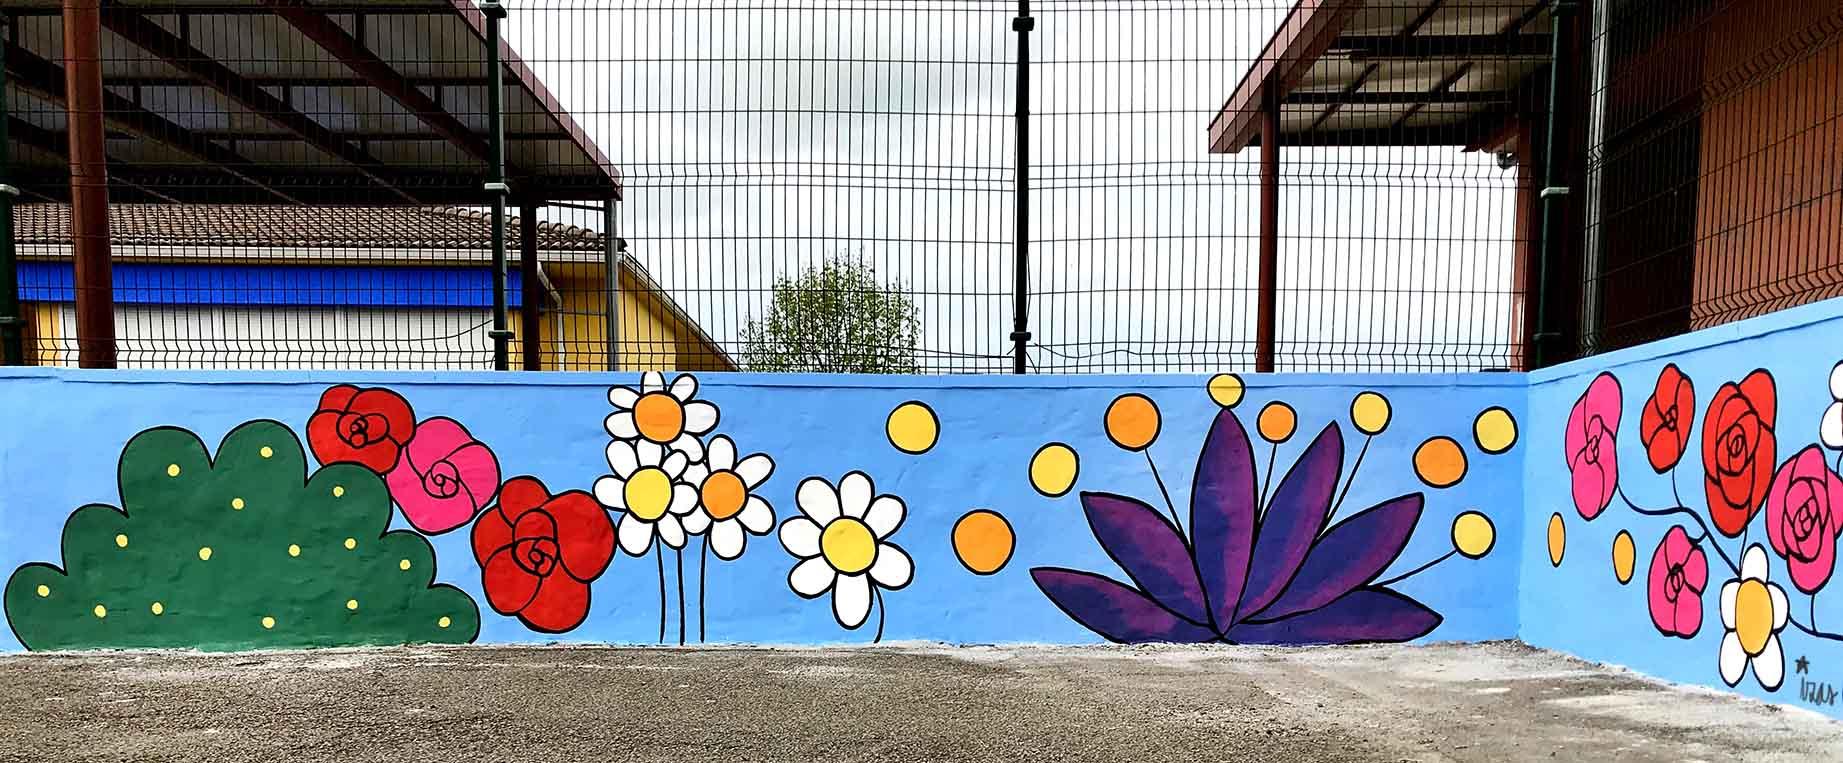 mural izas gerardo diego exterior 6